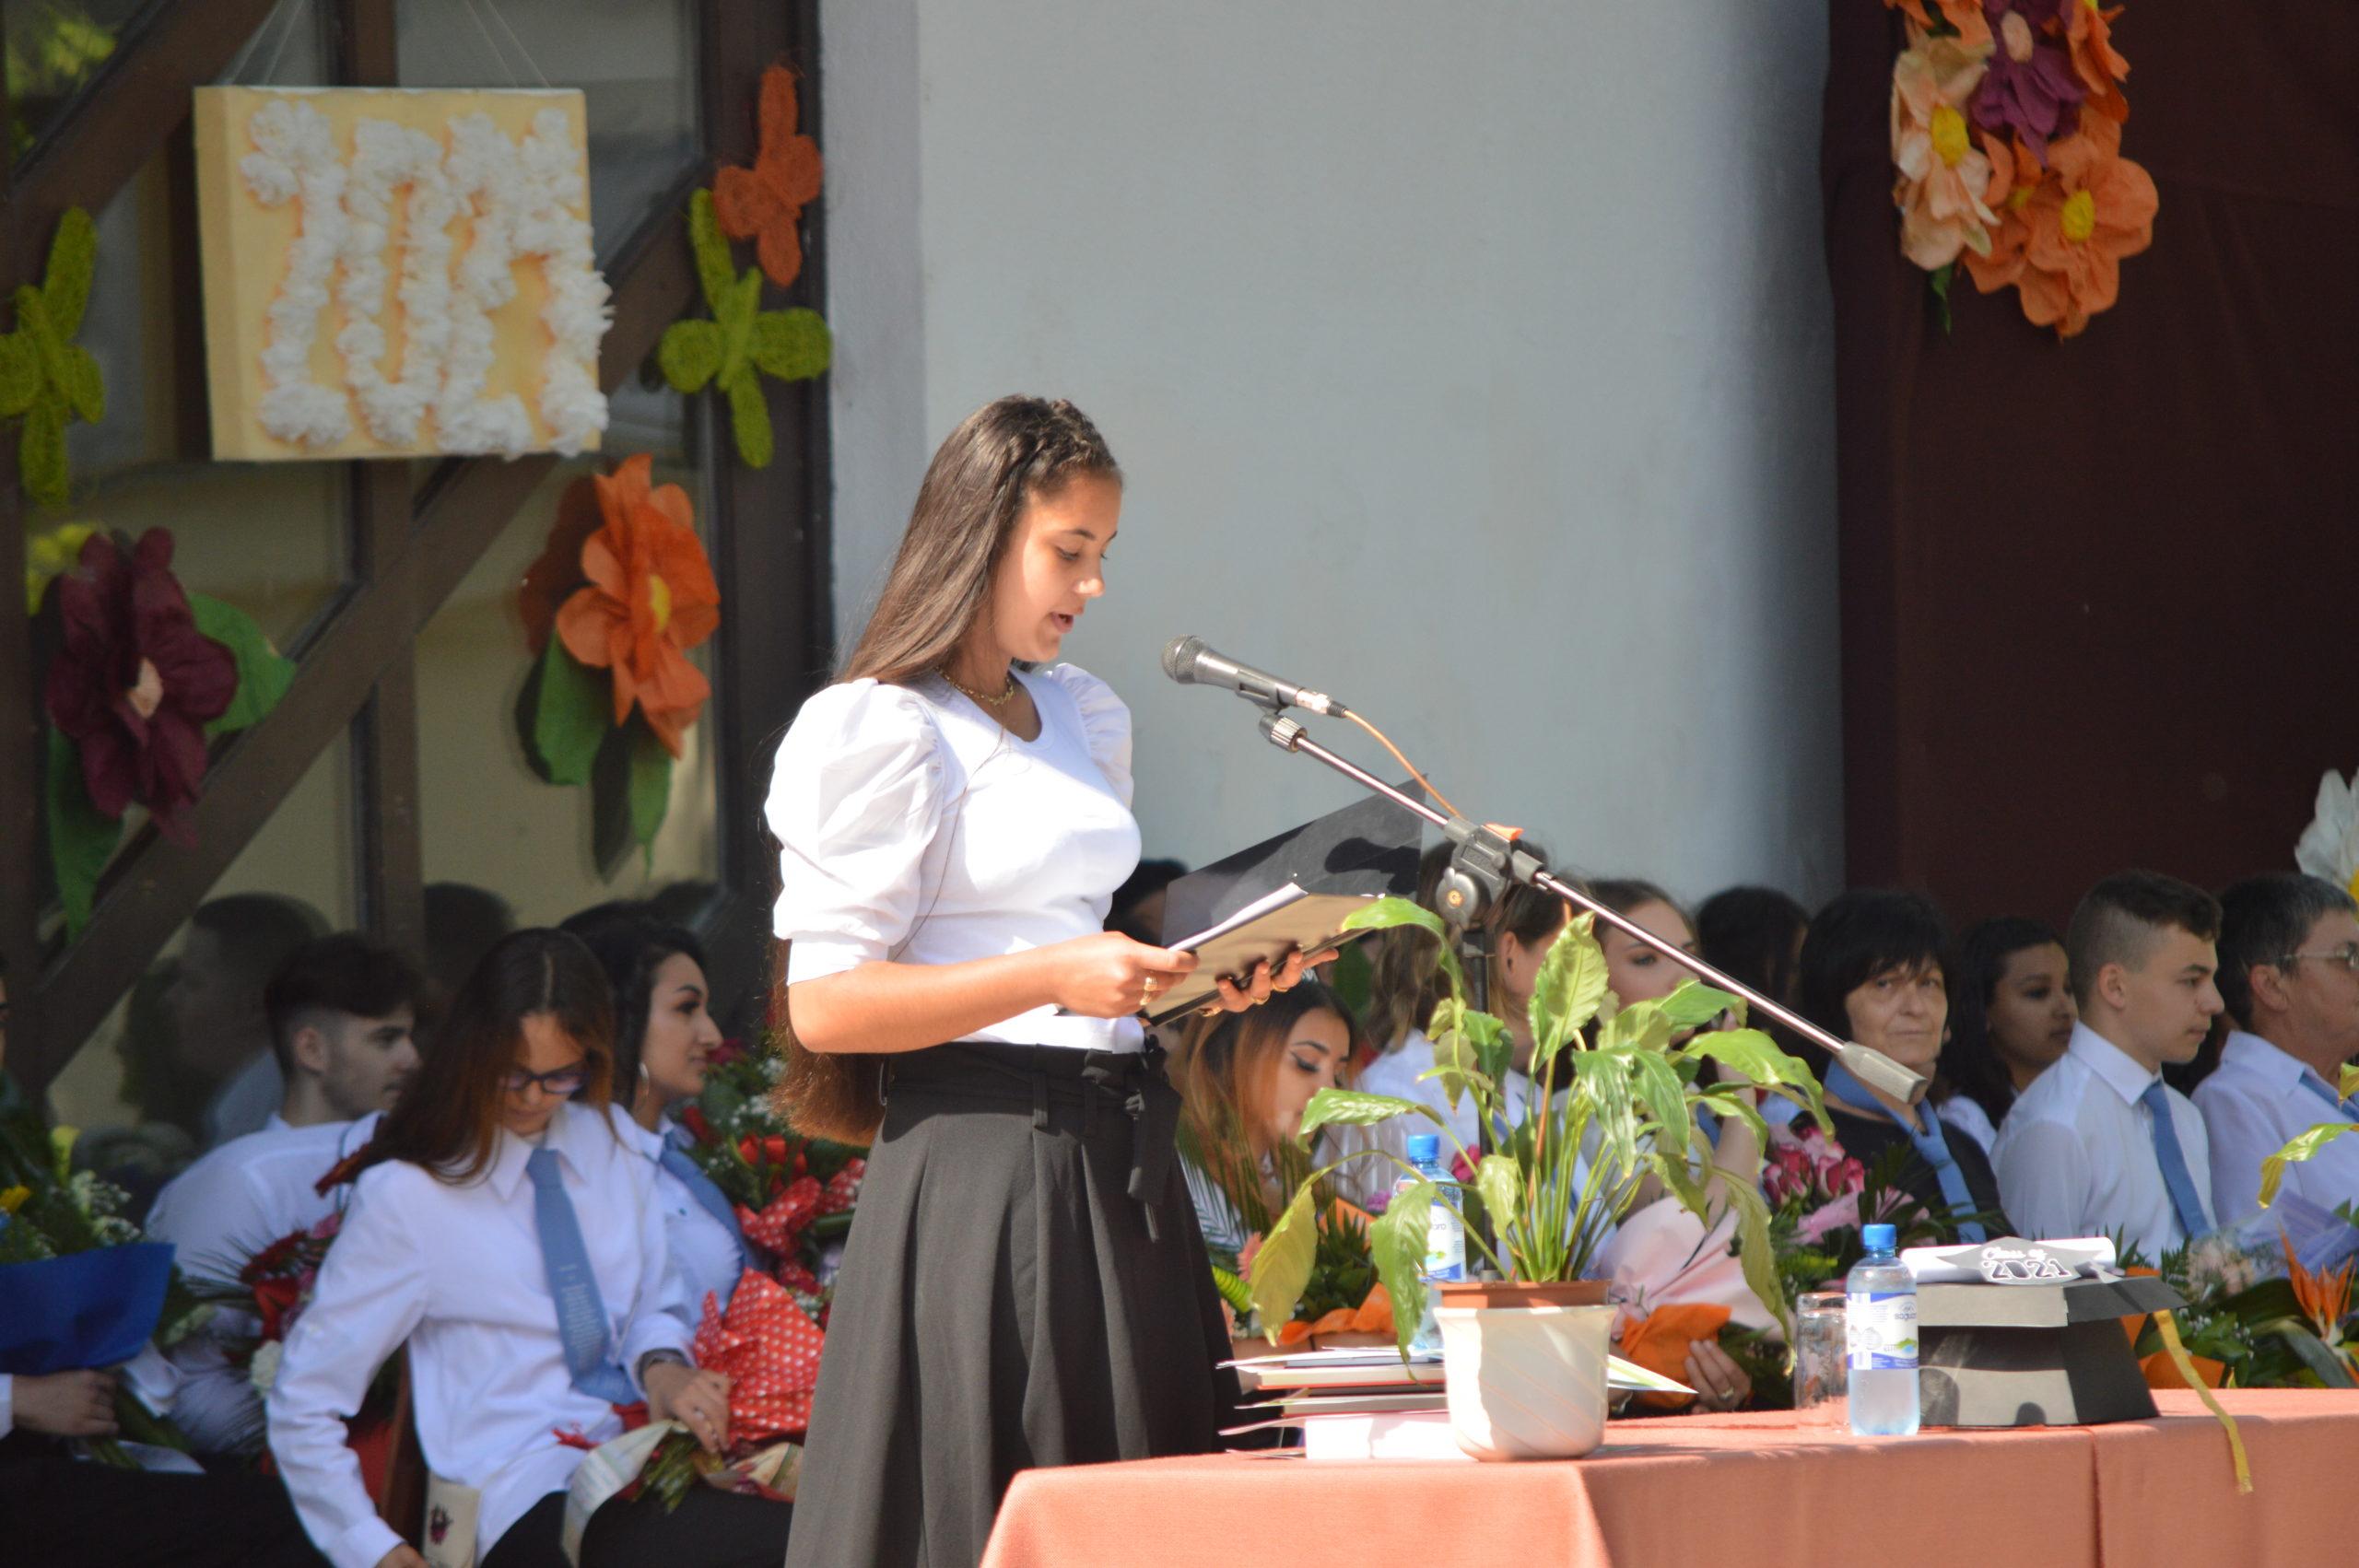 Elballagtak a Reményhír Intézmény végzős diákjai 4